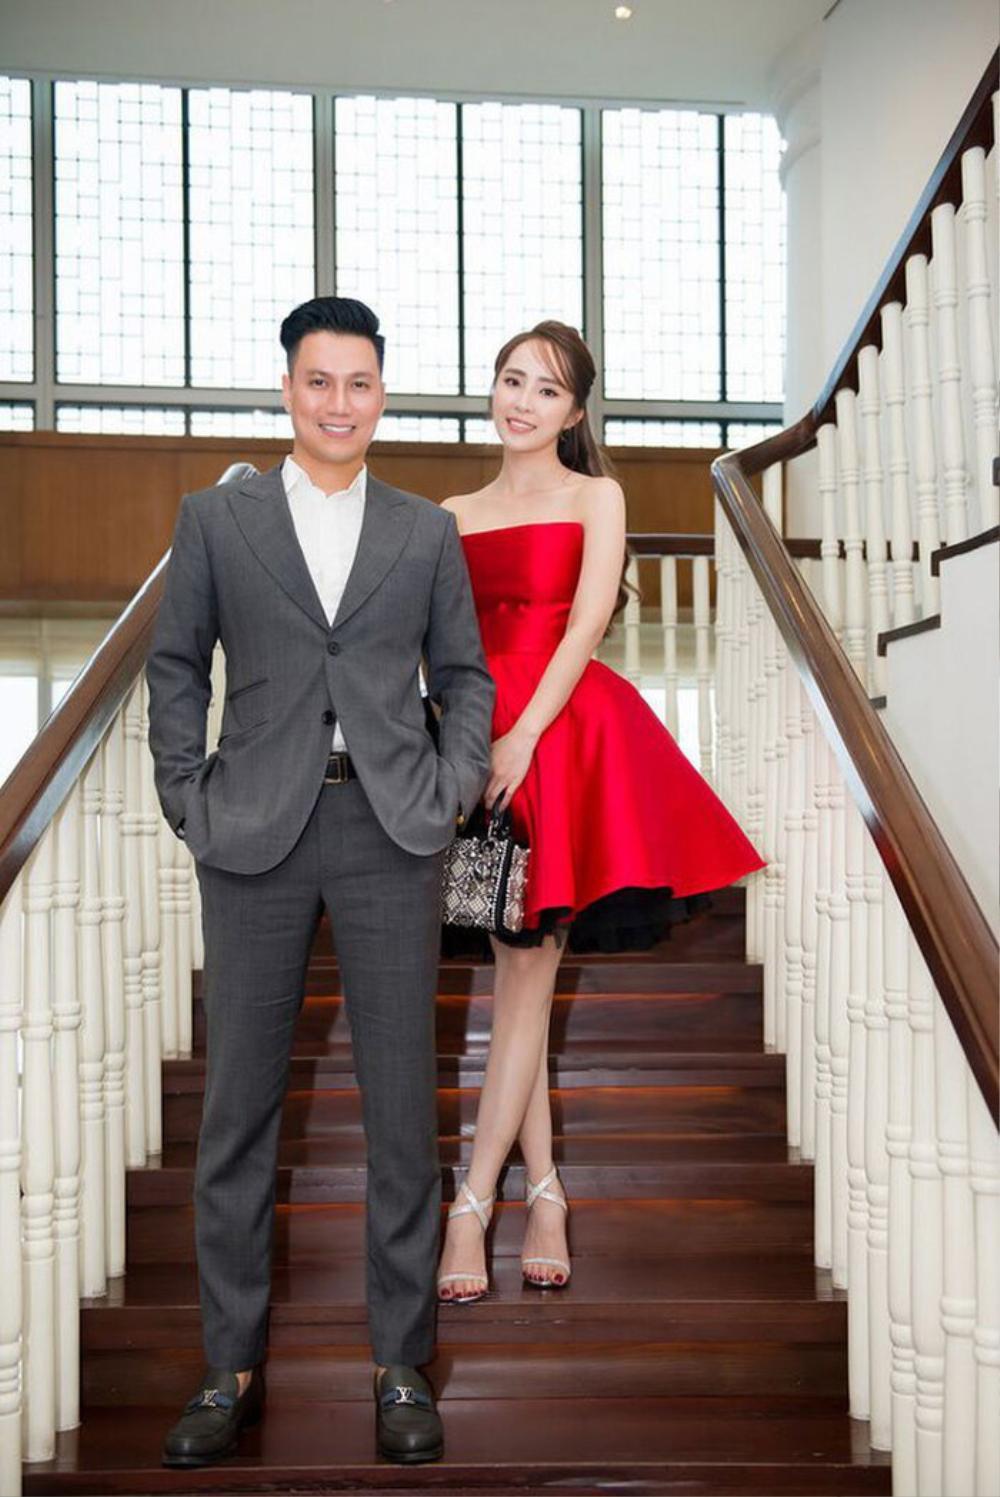 Giữa nghi vấn hẹn hò, Quỳnh Nga và Việt Anh lại tình tứ không rời nhau nửa bước trong tiệc sinh nhật Ảnh 8